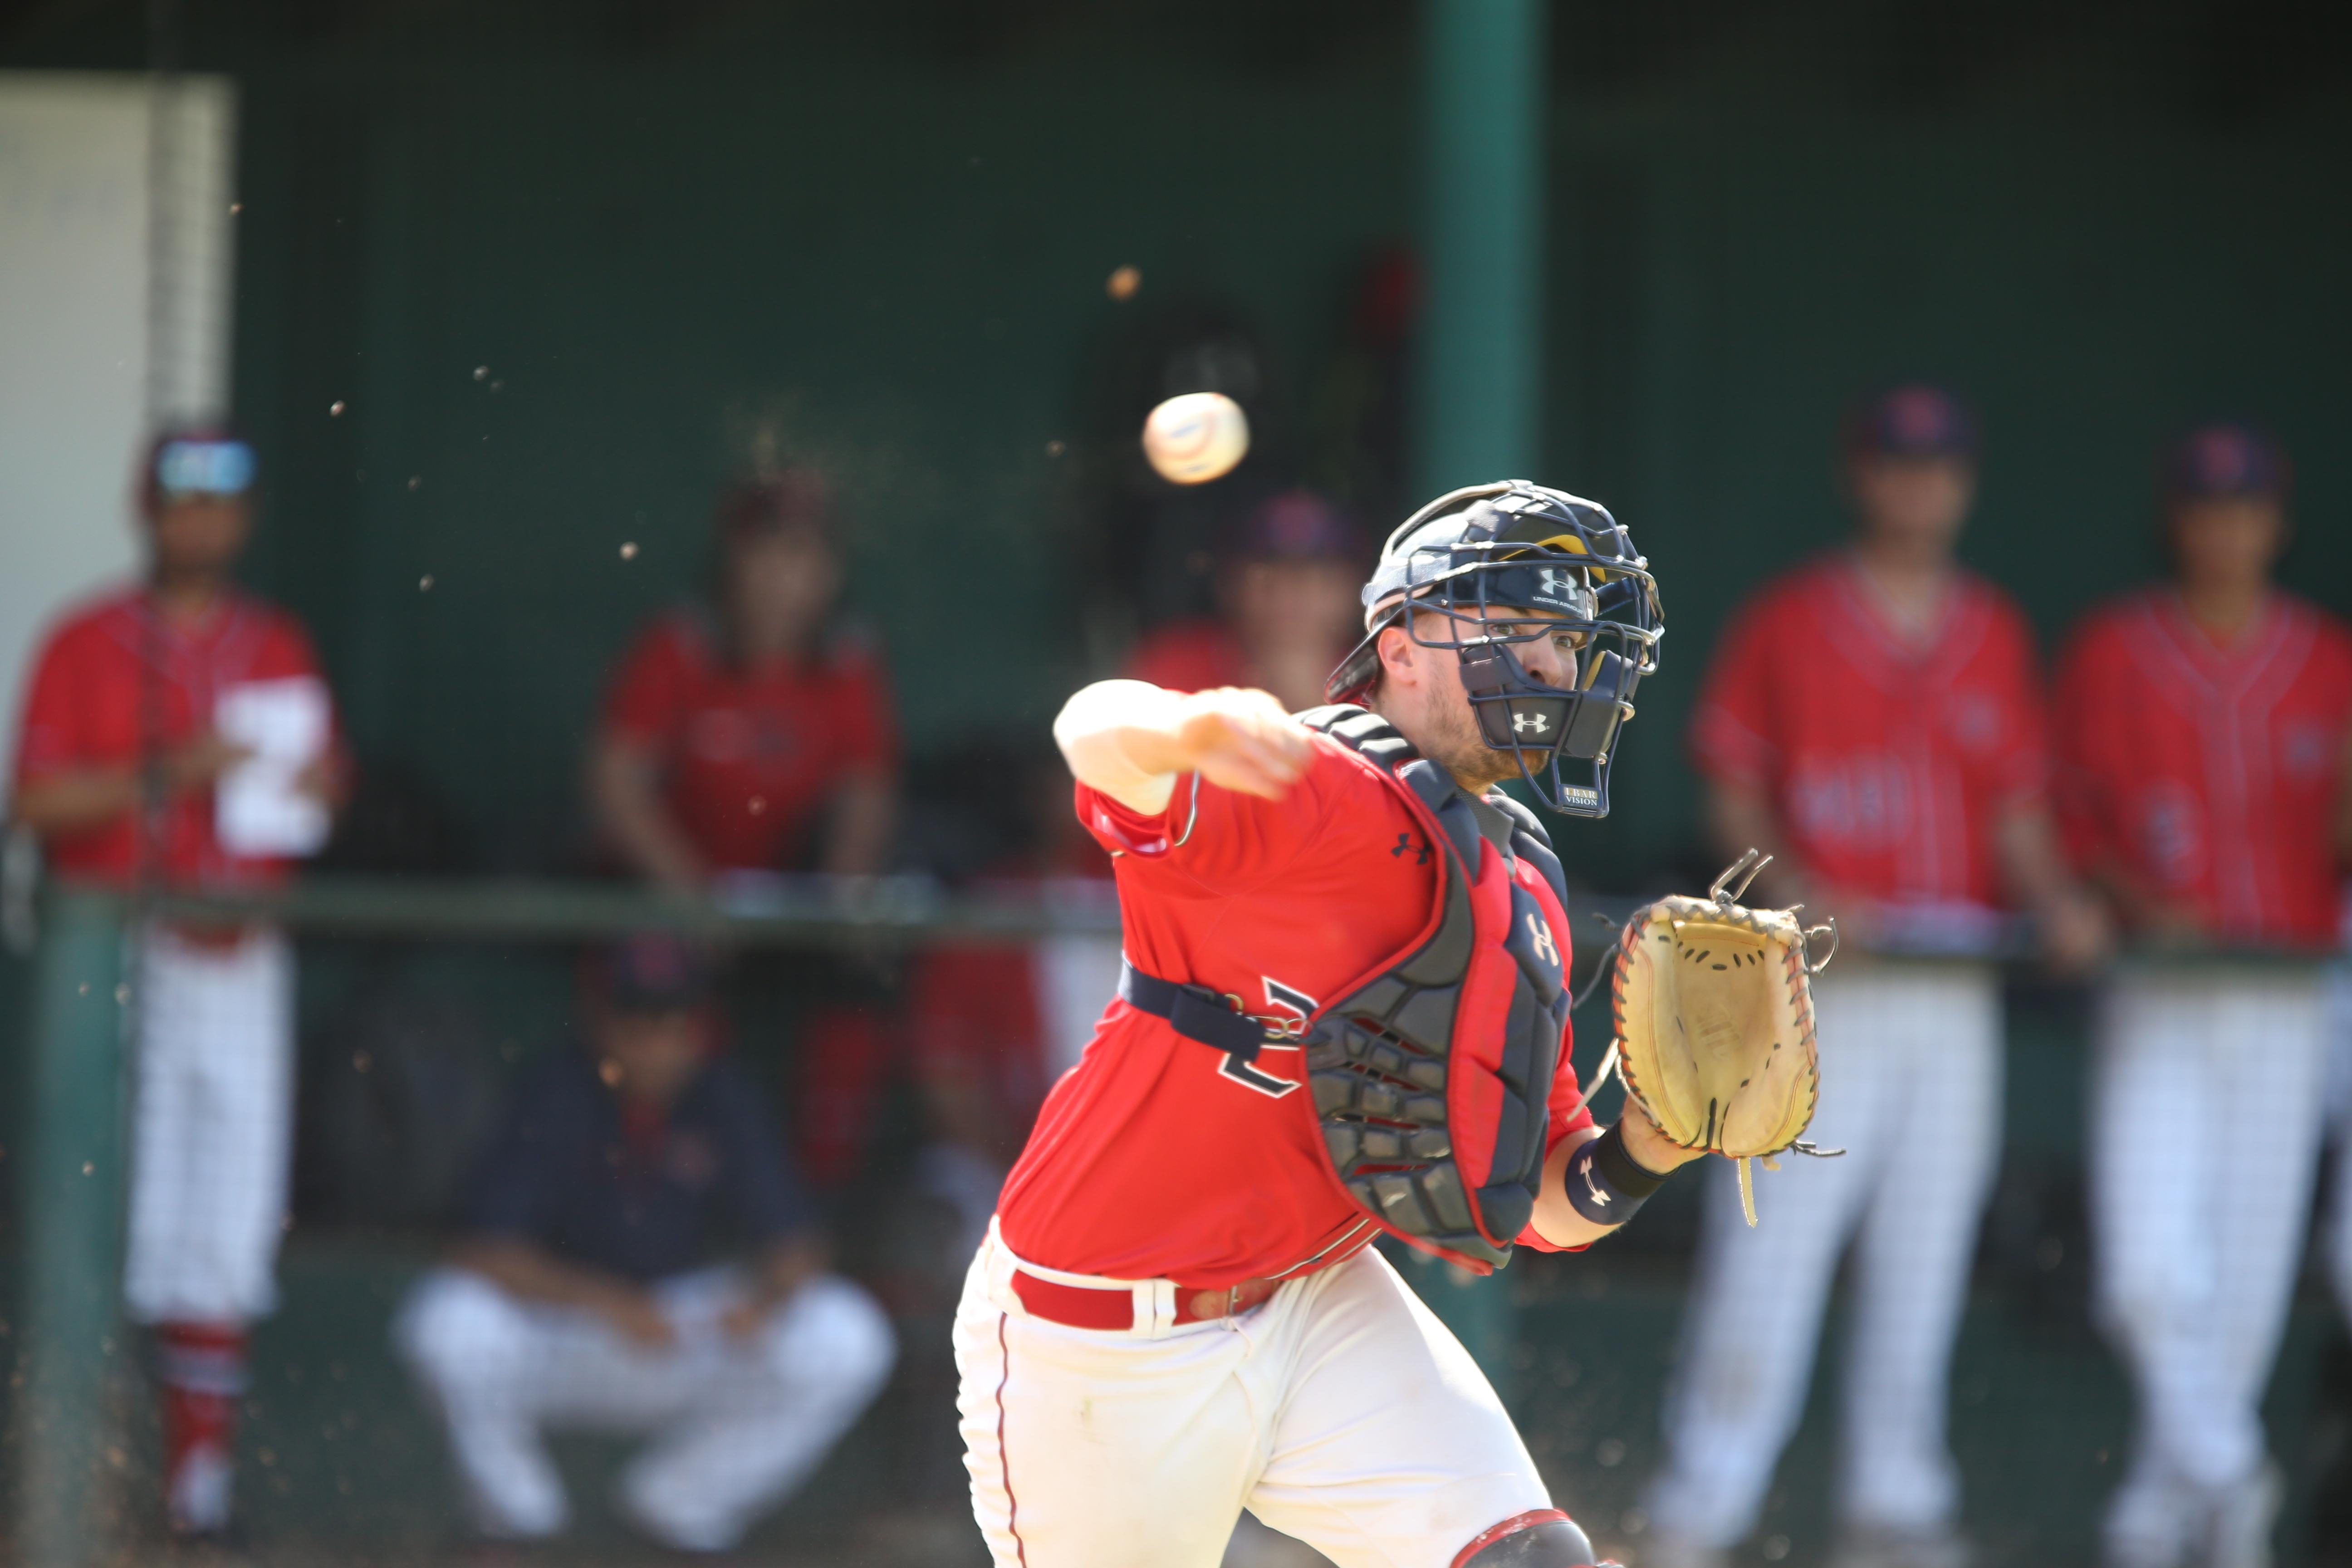 Saint Mary's Baseball vs Gonzaga